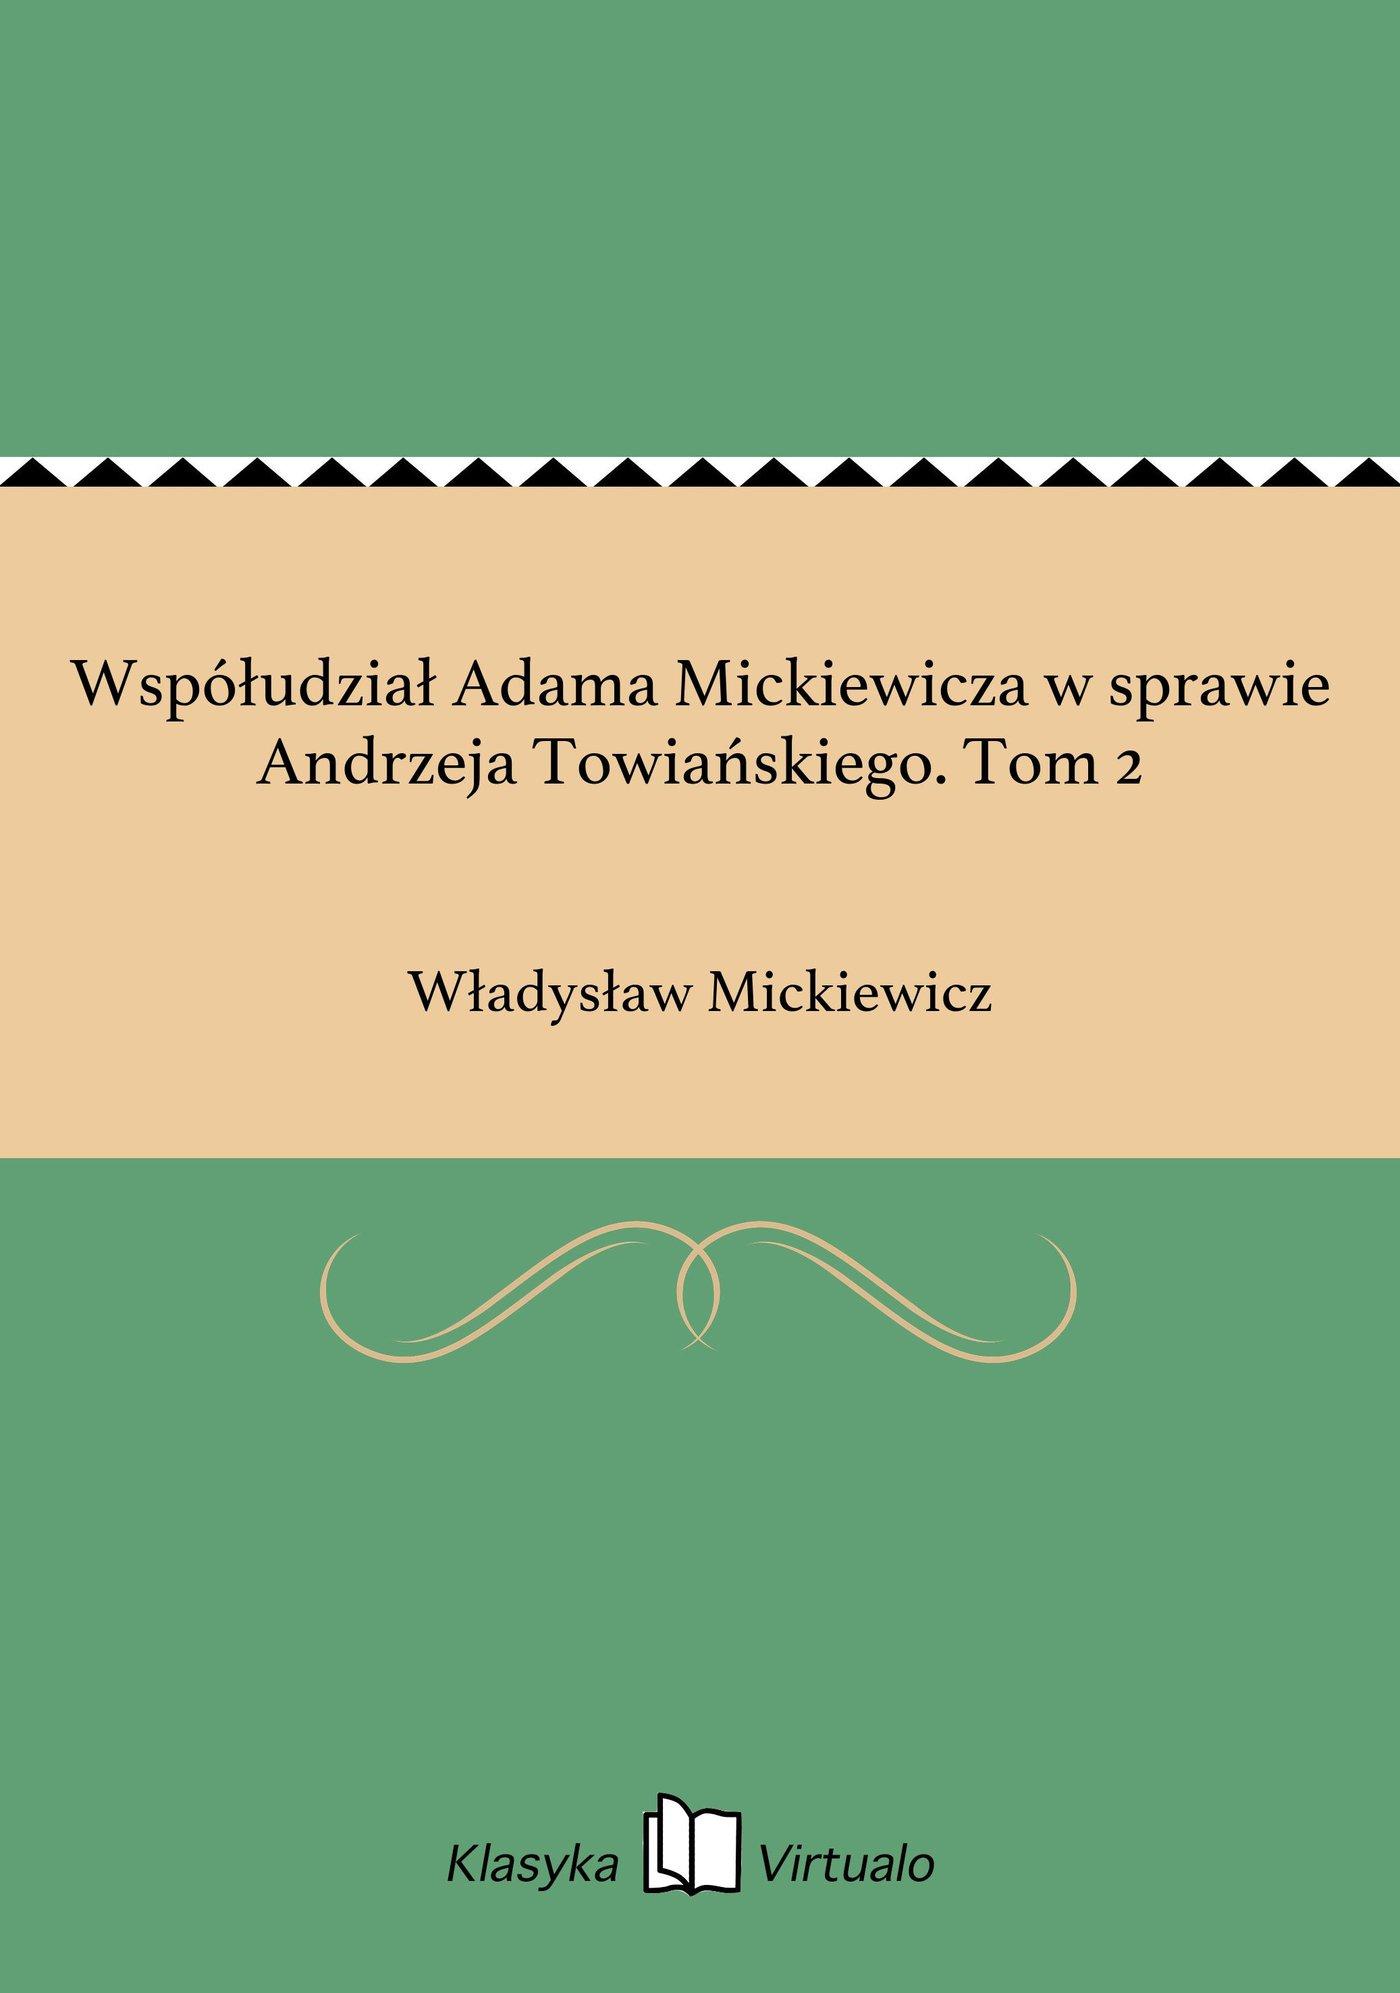 Współudział Adama Mickiewicza w sprawie Andrzeja Towiańskiego. Tom 2 - Ebook (Książka EPUB) do pobrania w formacie EPUB